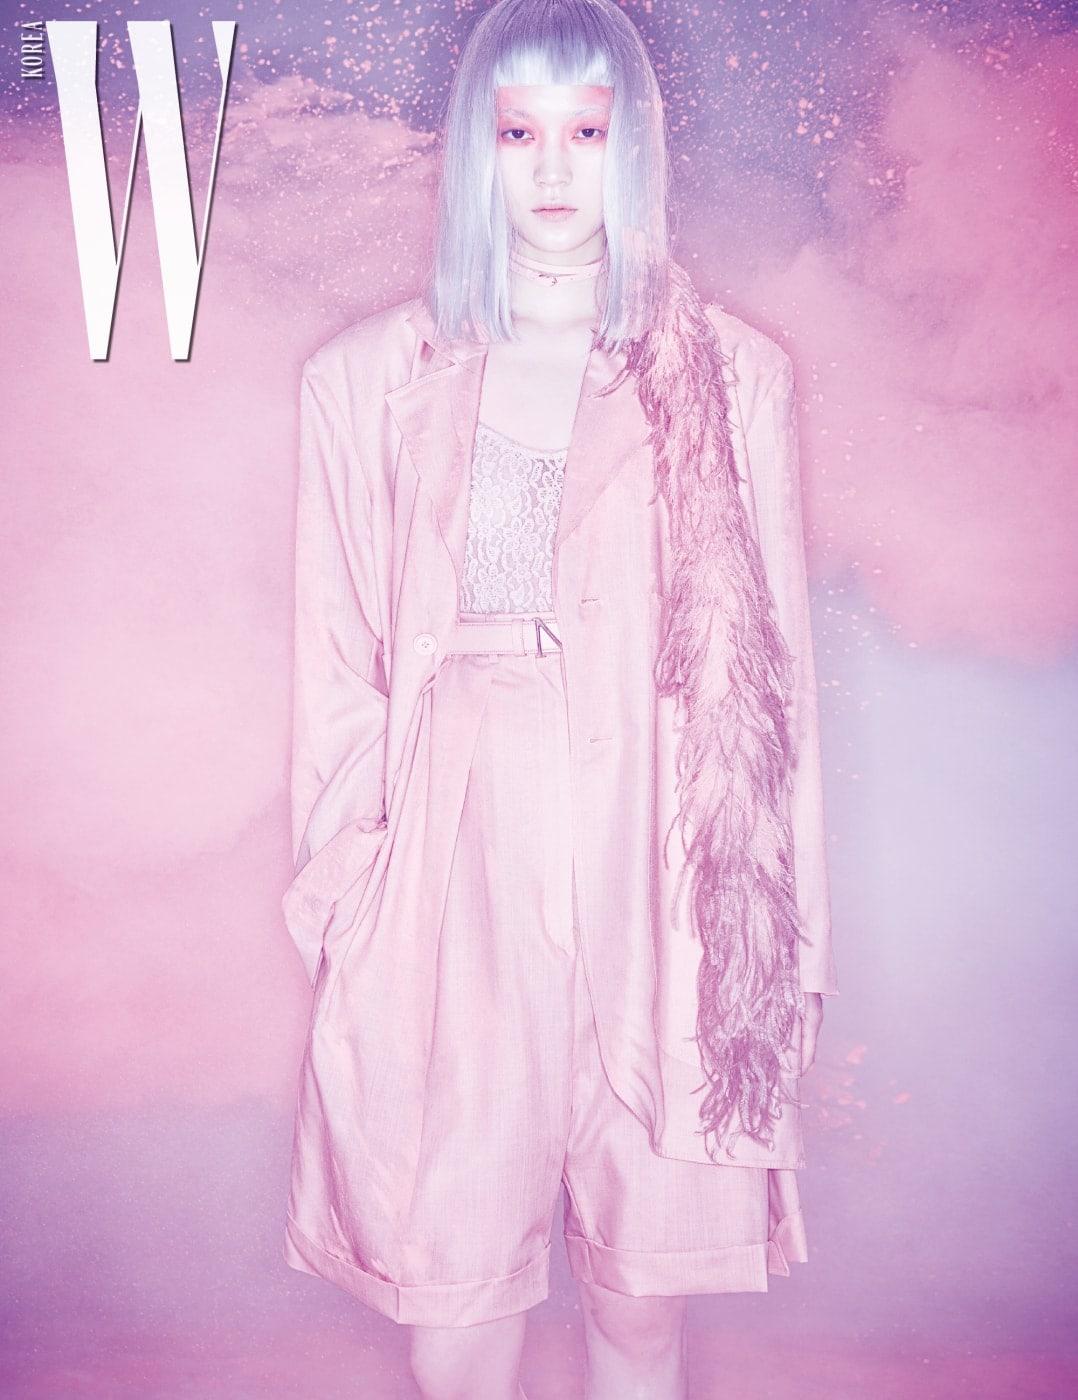 화사한 분홍색 테일러드 재킷과 롤업 팬츠, 레이스 보디슈트, 브랜드의 이니셜을 응용한 금속 버클 벨트, 목걸이로 연출한 섬세한 깃털 장식 벨트는 모두 Nina Ricci 제품.